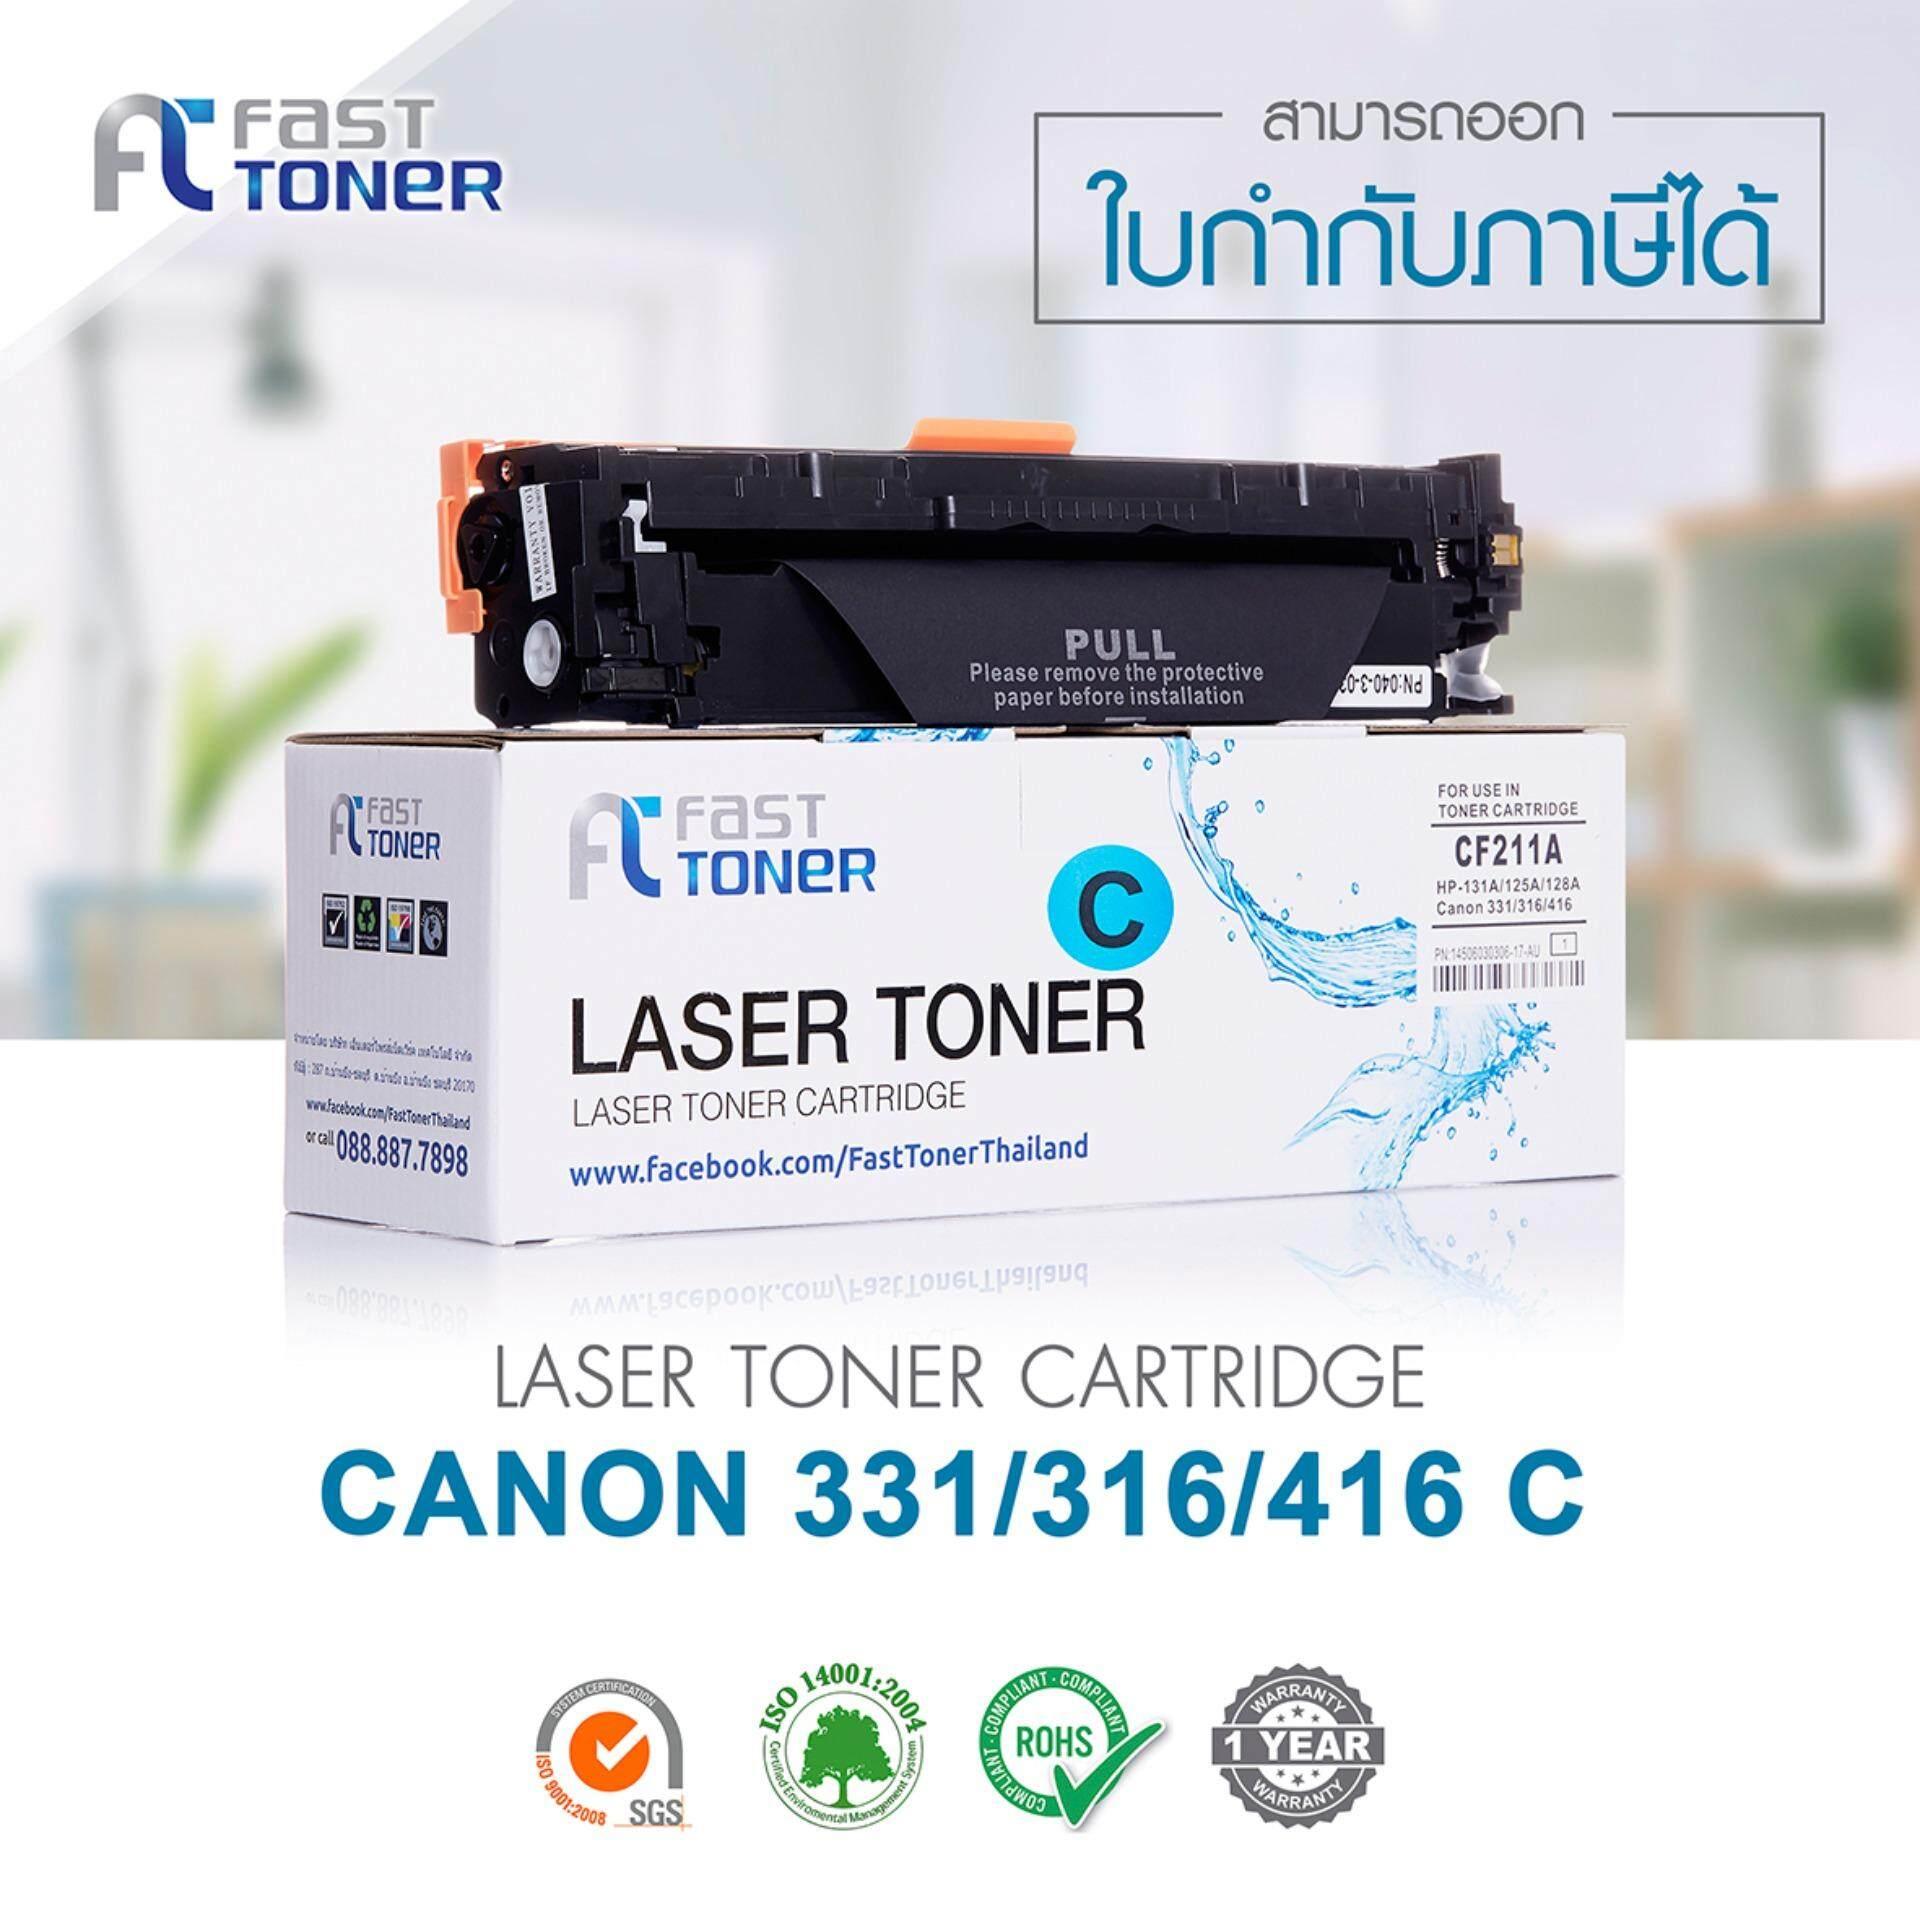 ซื้อ Fast Toner ตลับหมึกเทียบเท่า Canon Cartridge 331 316 416 ฟ้า สำหรับปริ้นเตอร์รุ่น Canon Laser Shot Lbp 7100 7110 Canon I Sensys Mf 8230 Mf 8280 ถูก ใน กรุงเทพมหานคร